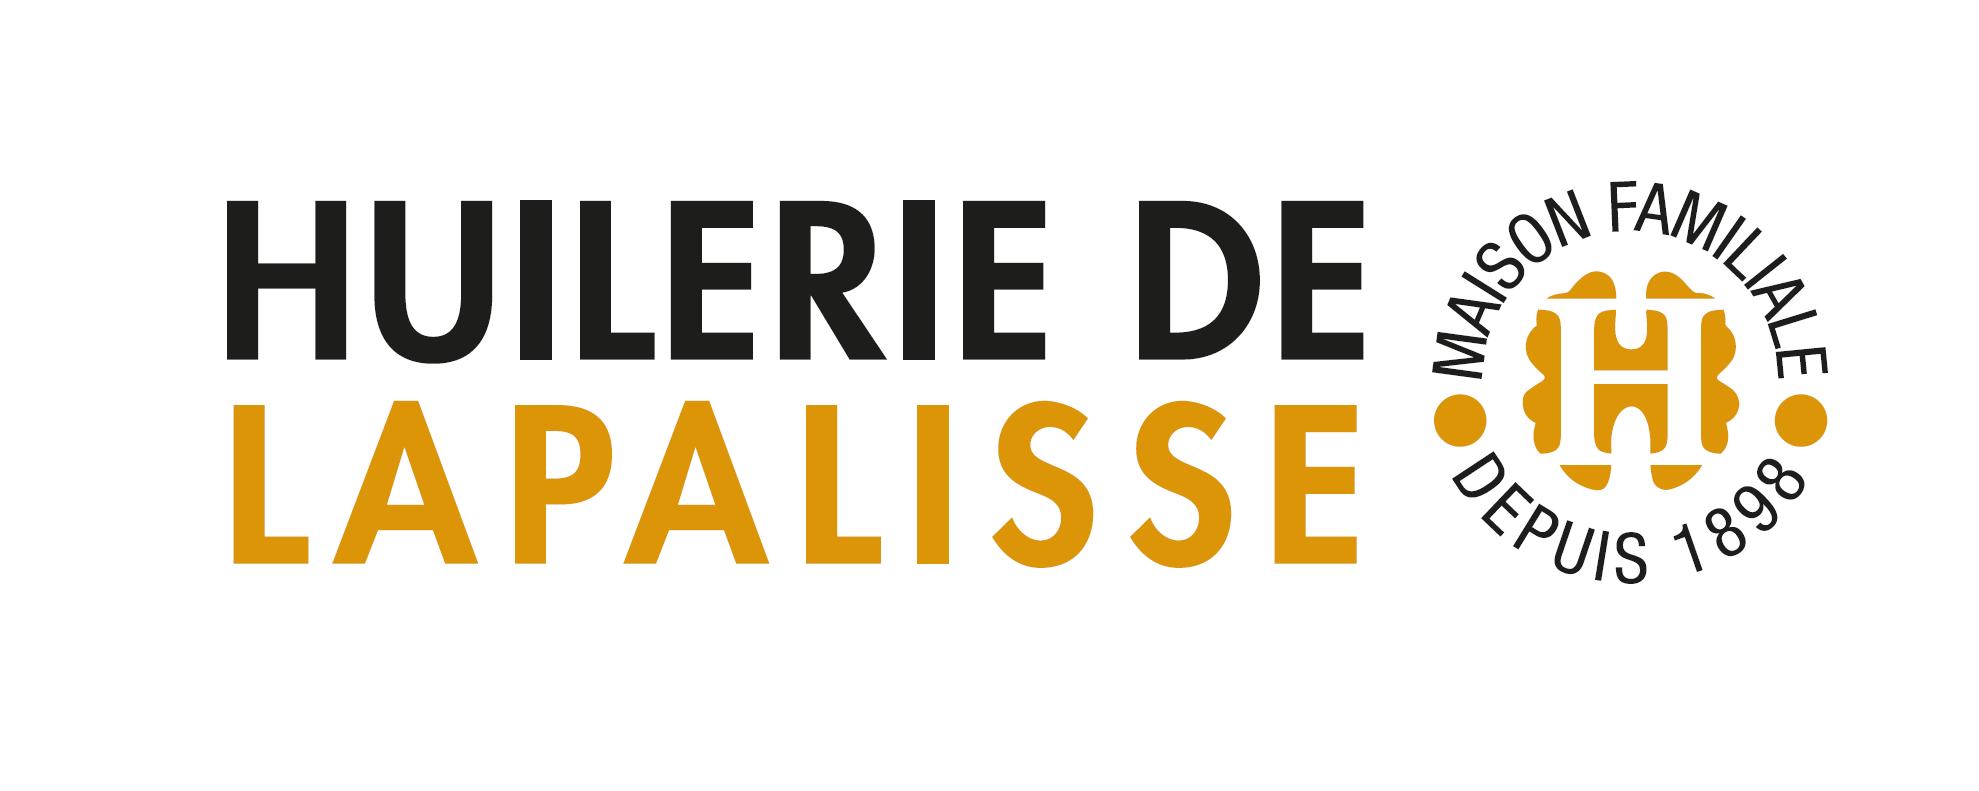 Huilerie de Lapalisse